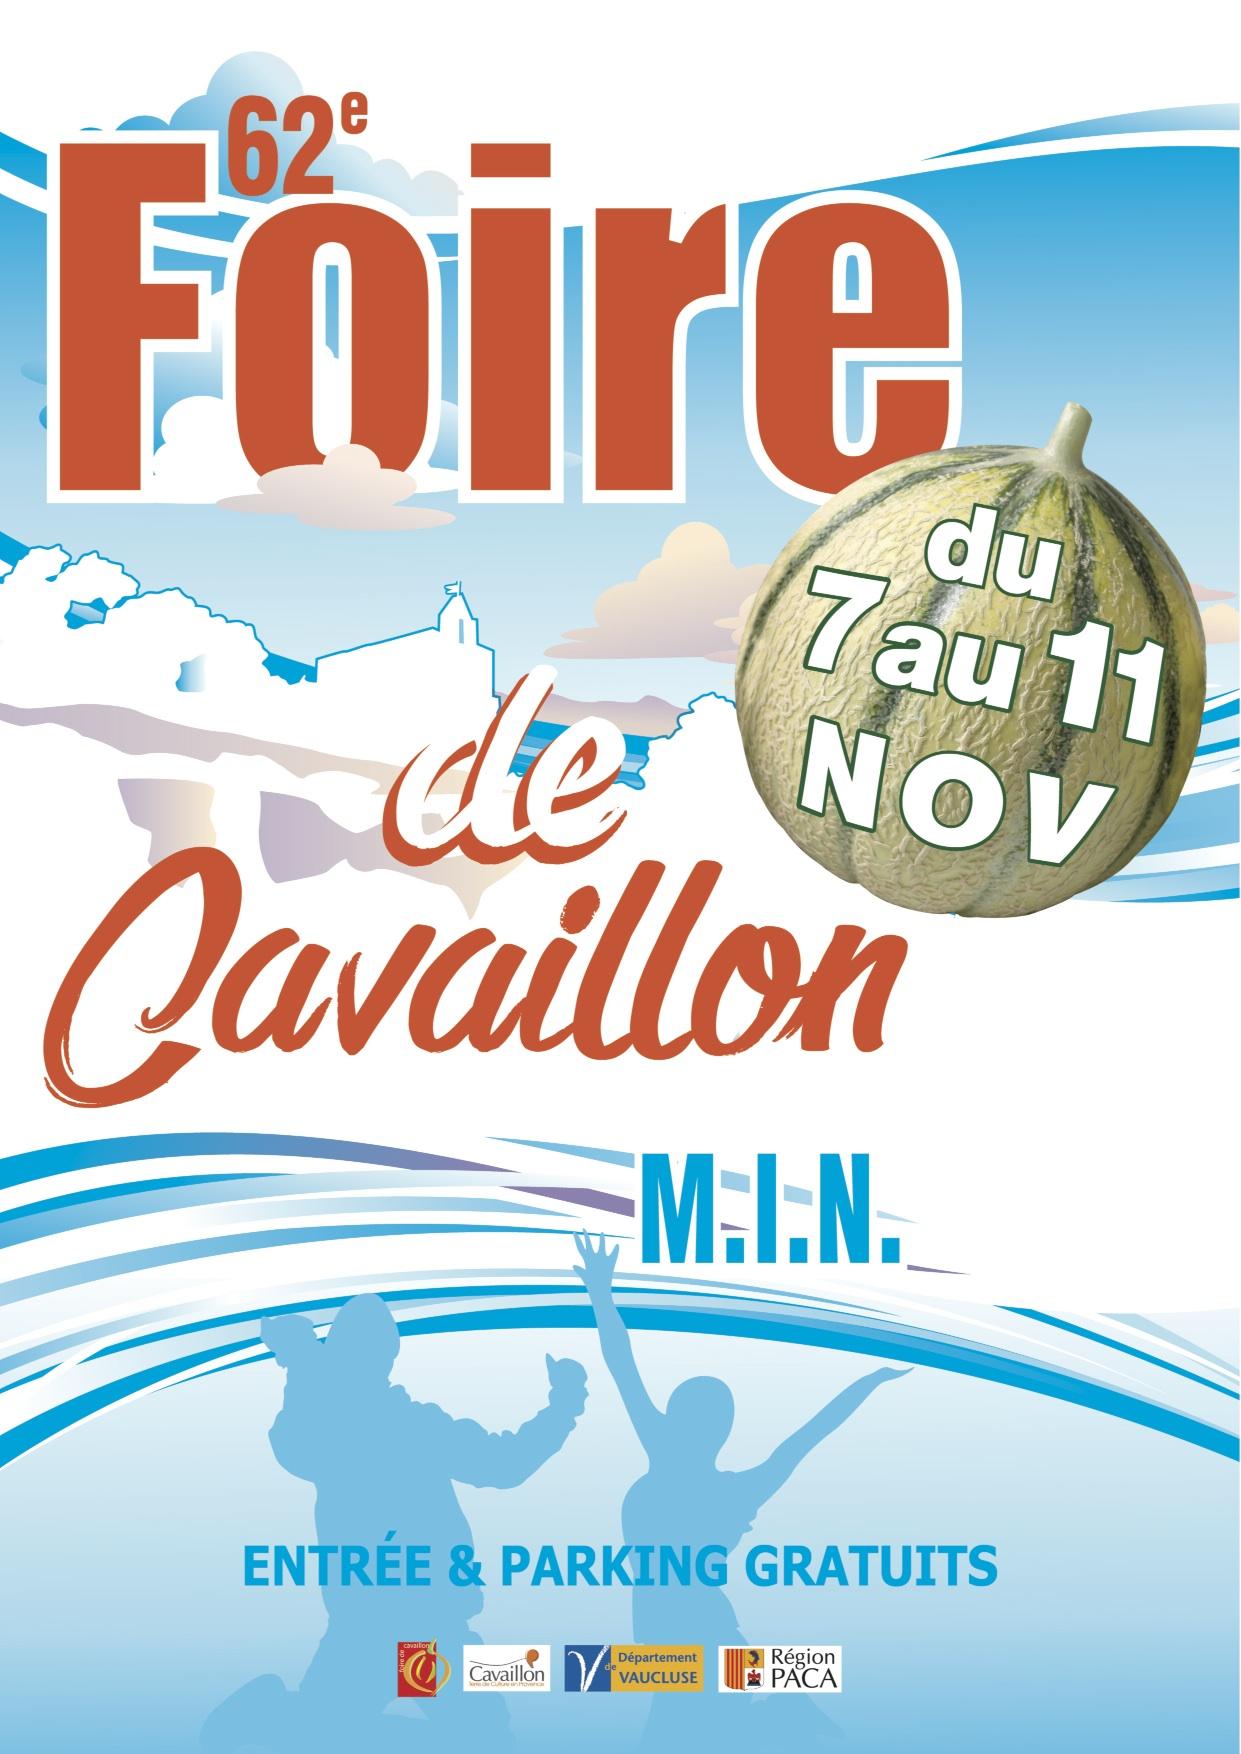 foire vaucluse 2015